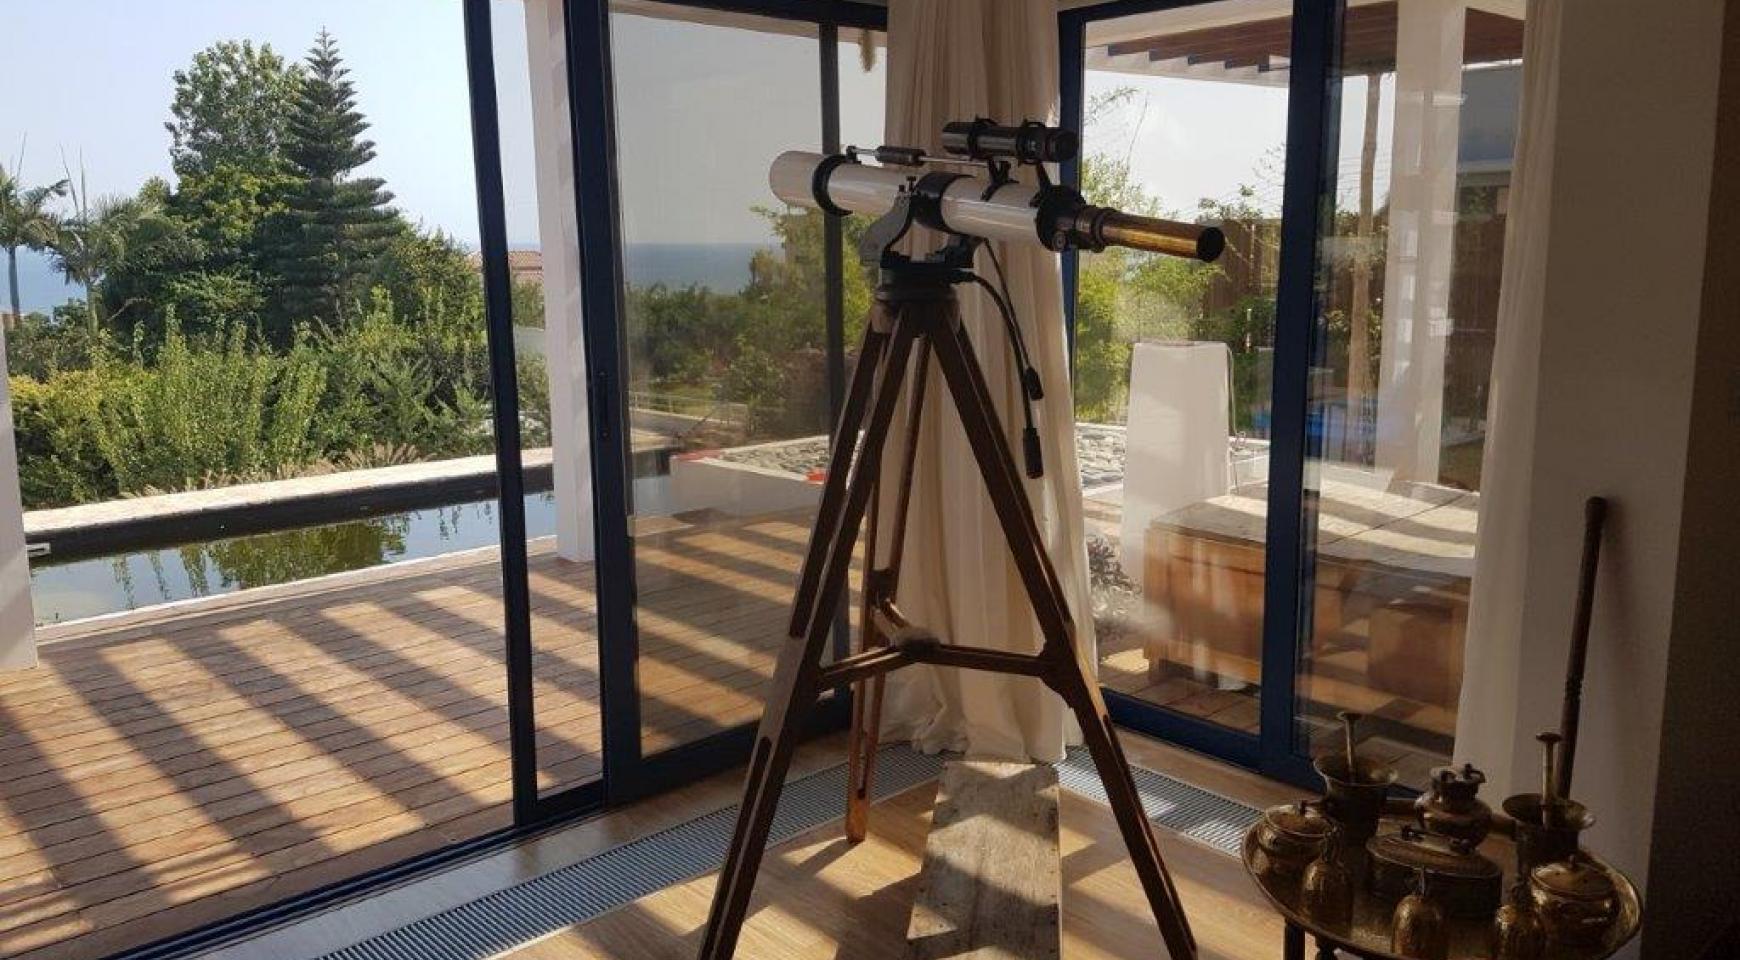 5 Bedroom Villa with Sea Views in Agios Tychonas Area - 13